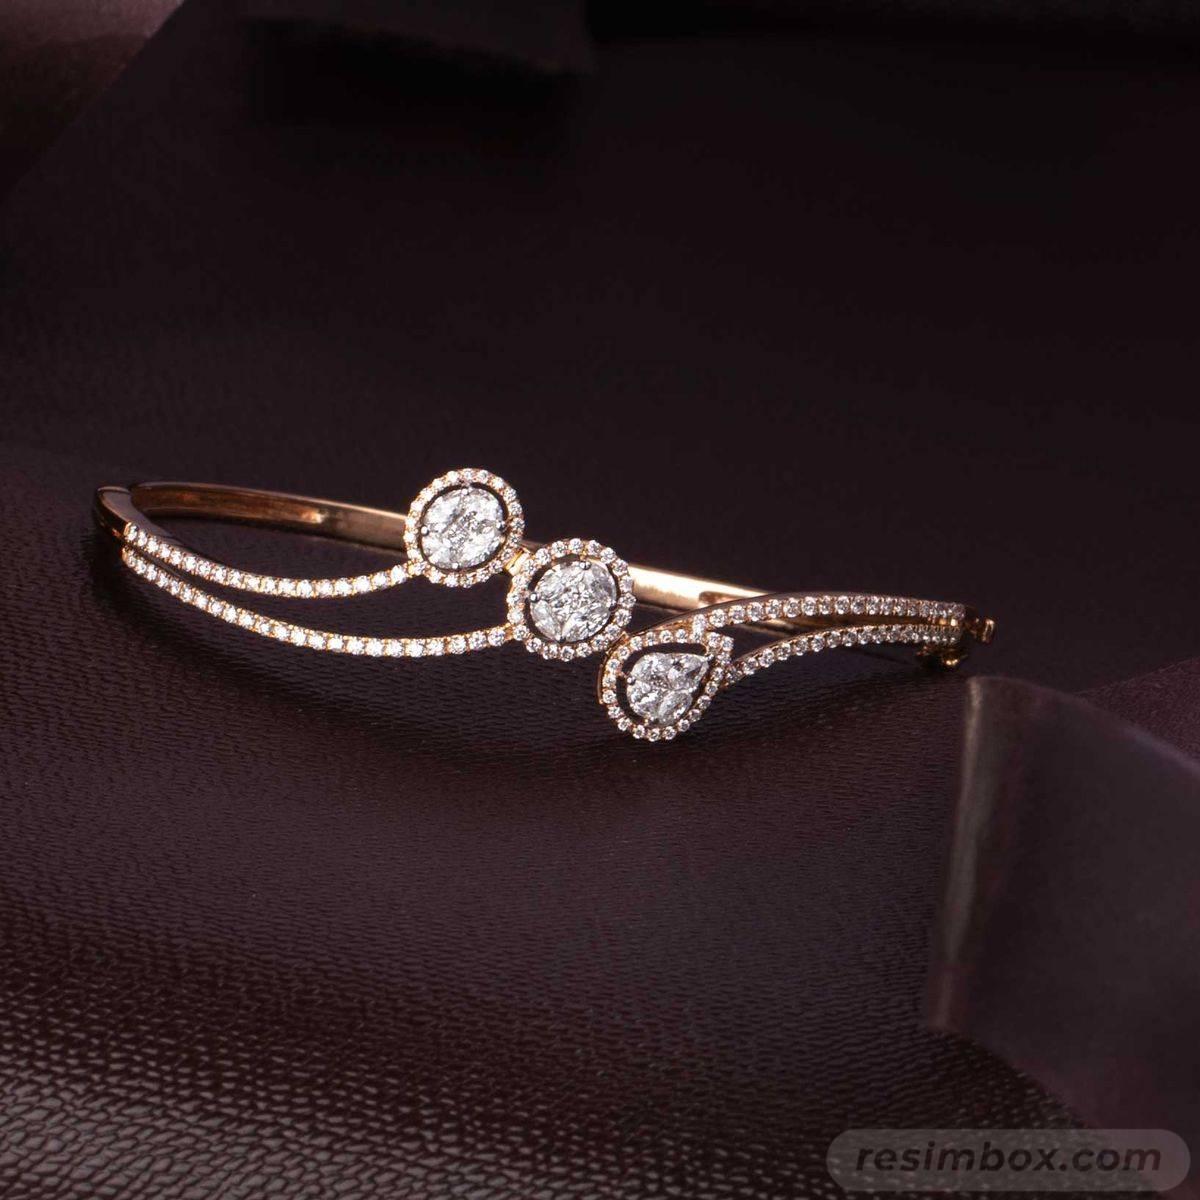 Bangle bracelets-440156563578666142